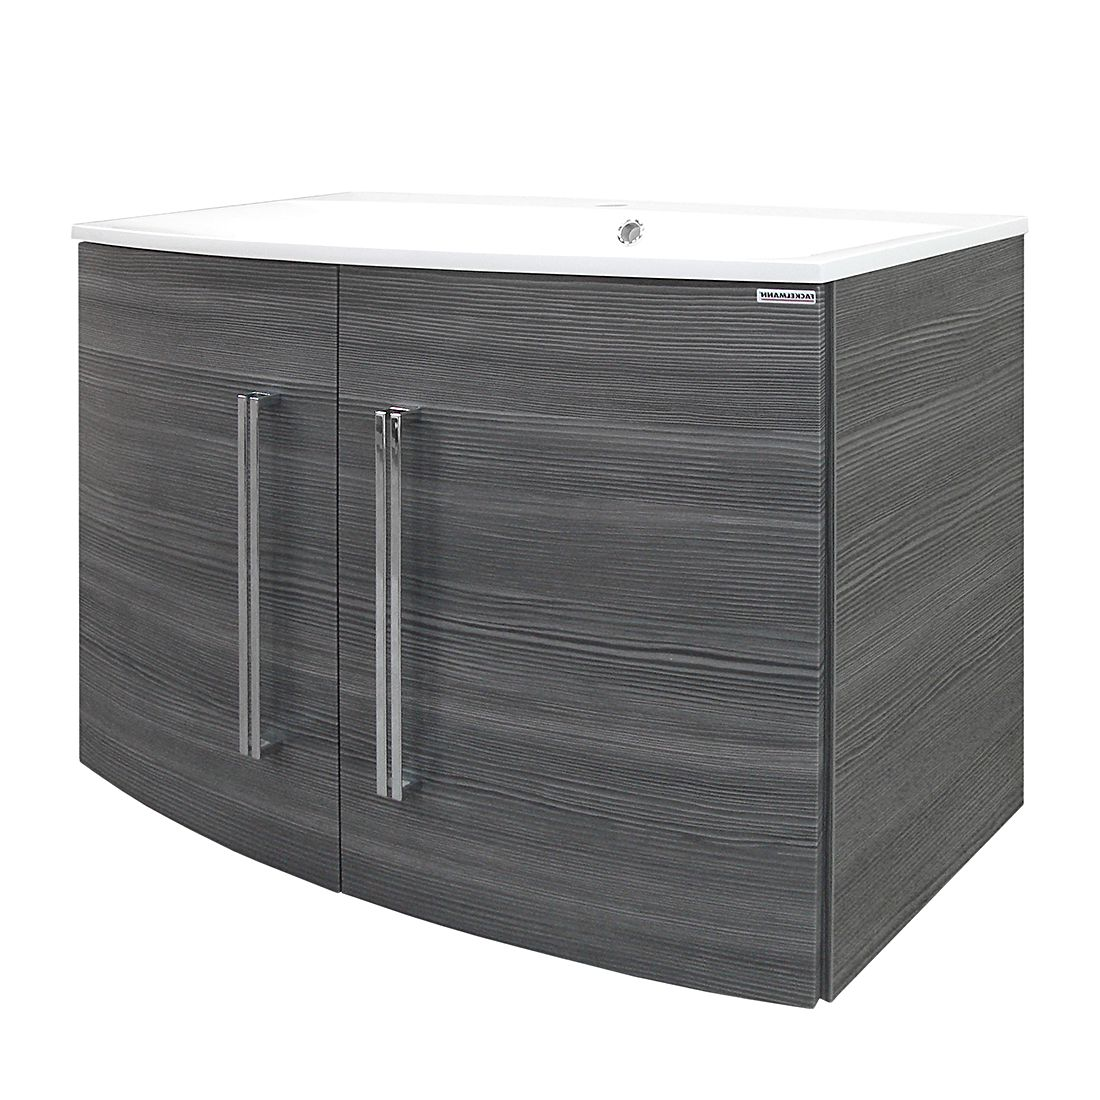 Waschtisch Lugano II – Pinie-Anthrazit Dekor – Mit Türen – Gussbecken, Fackelmann online bestellen